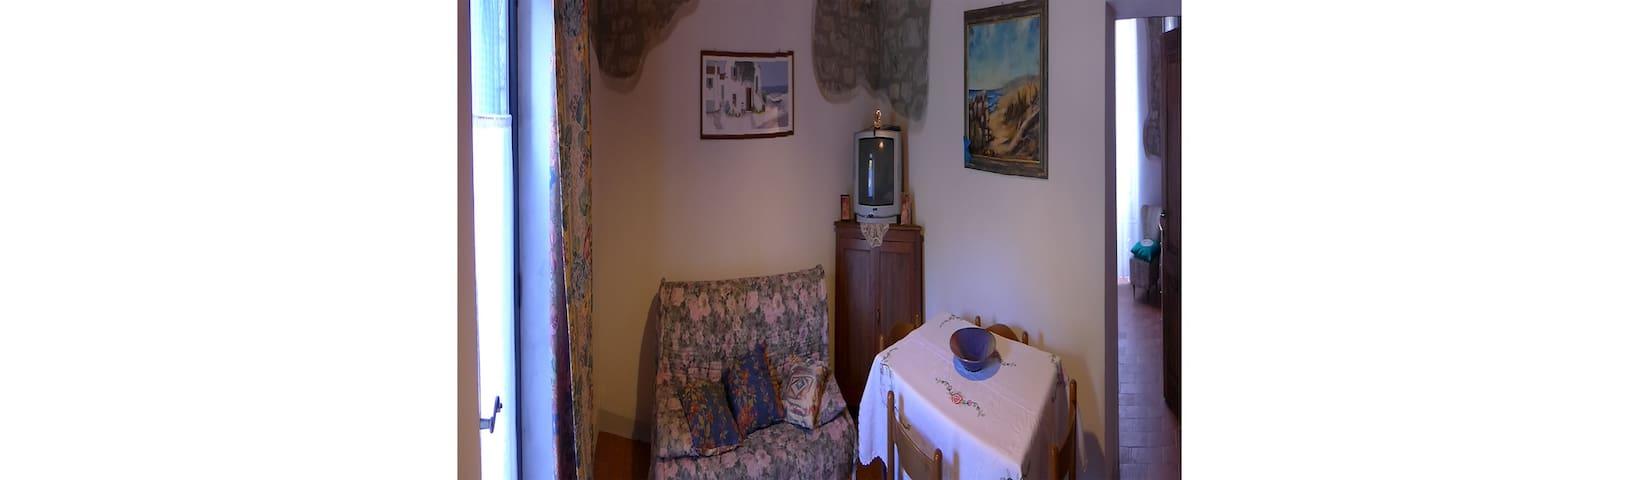 Bilocale in Toscana vicino alle Terme di Saturnia - Cellena